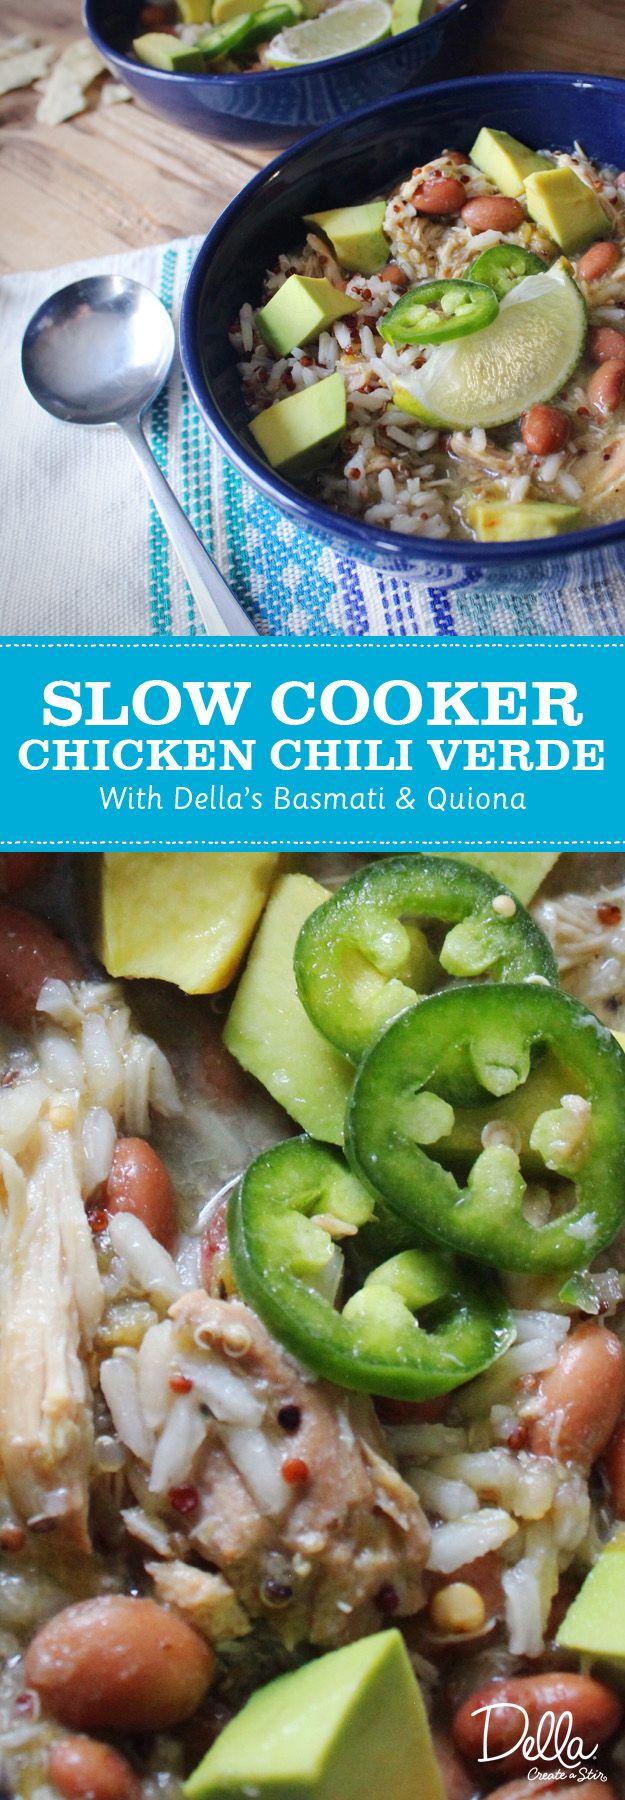 Slow Cooker Chicken Chili Verde | Della Rice